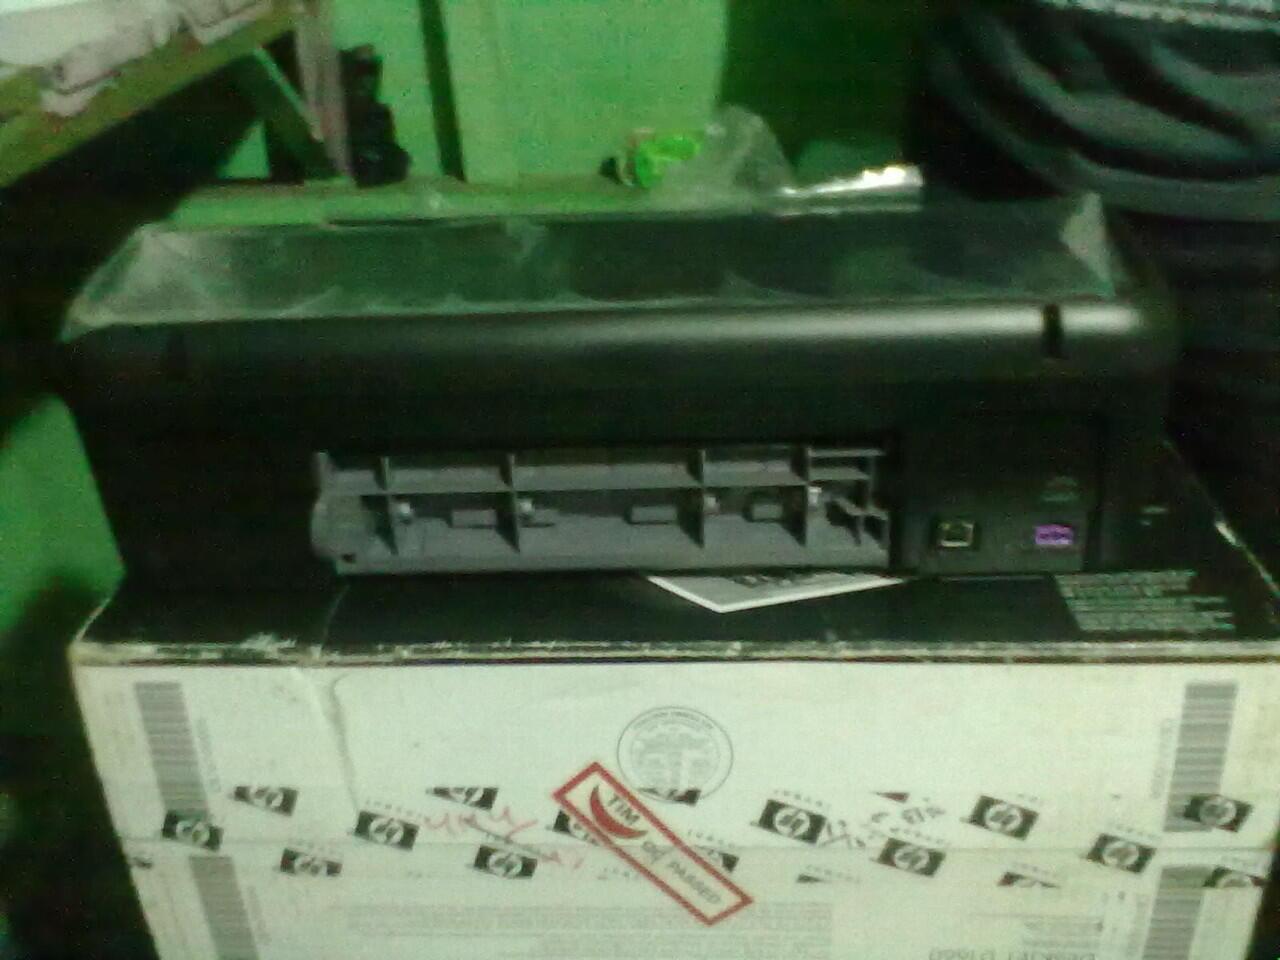 dijual printer HP 1600 DESKJET